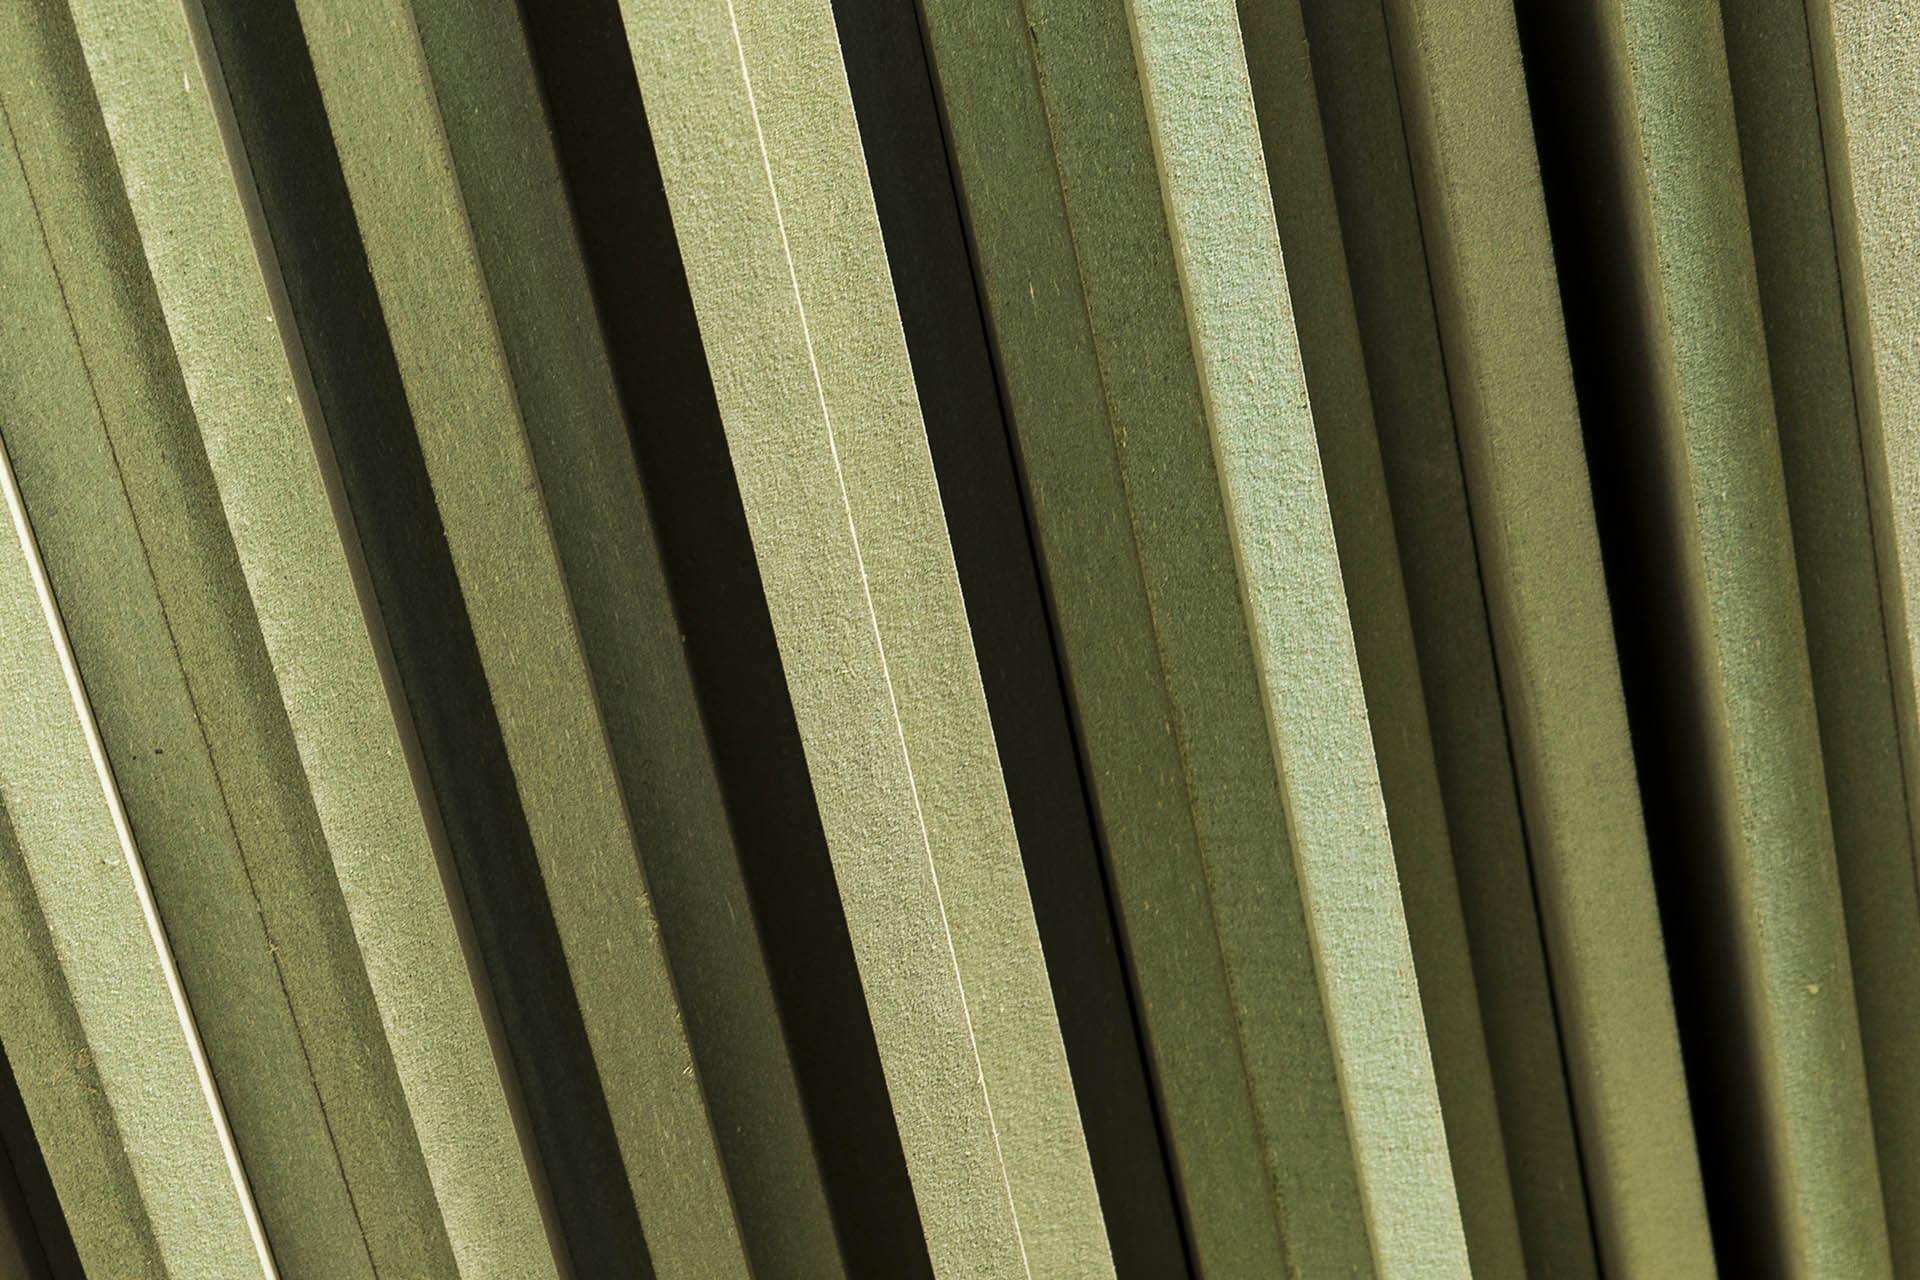 mdf board (multi-density fibreboard) treated sides sheet materials